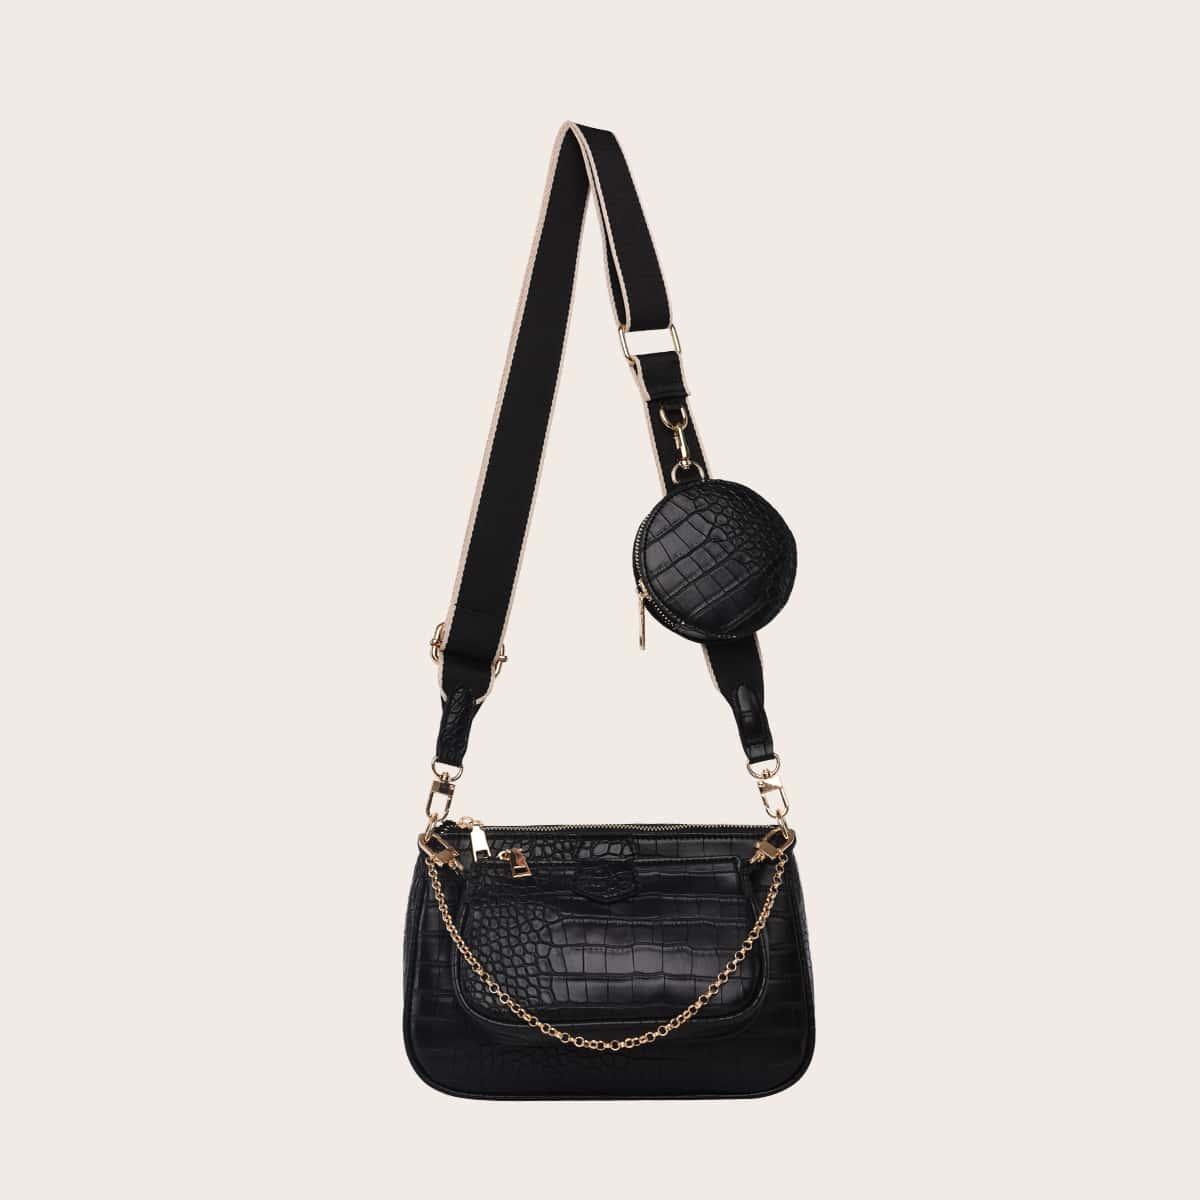 3шт сумка через плечо с рельефным узором и мешком